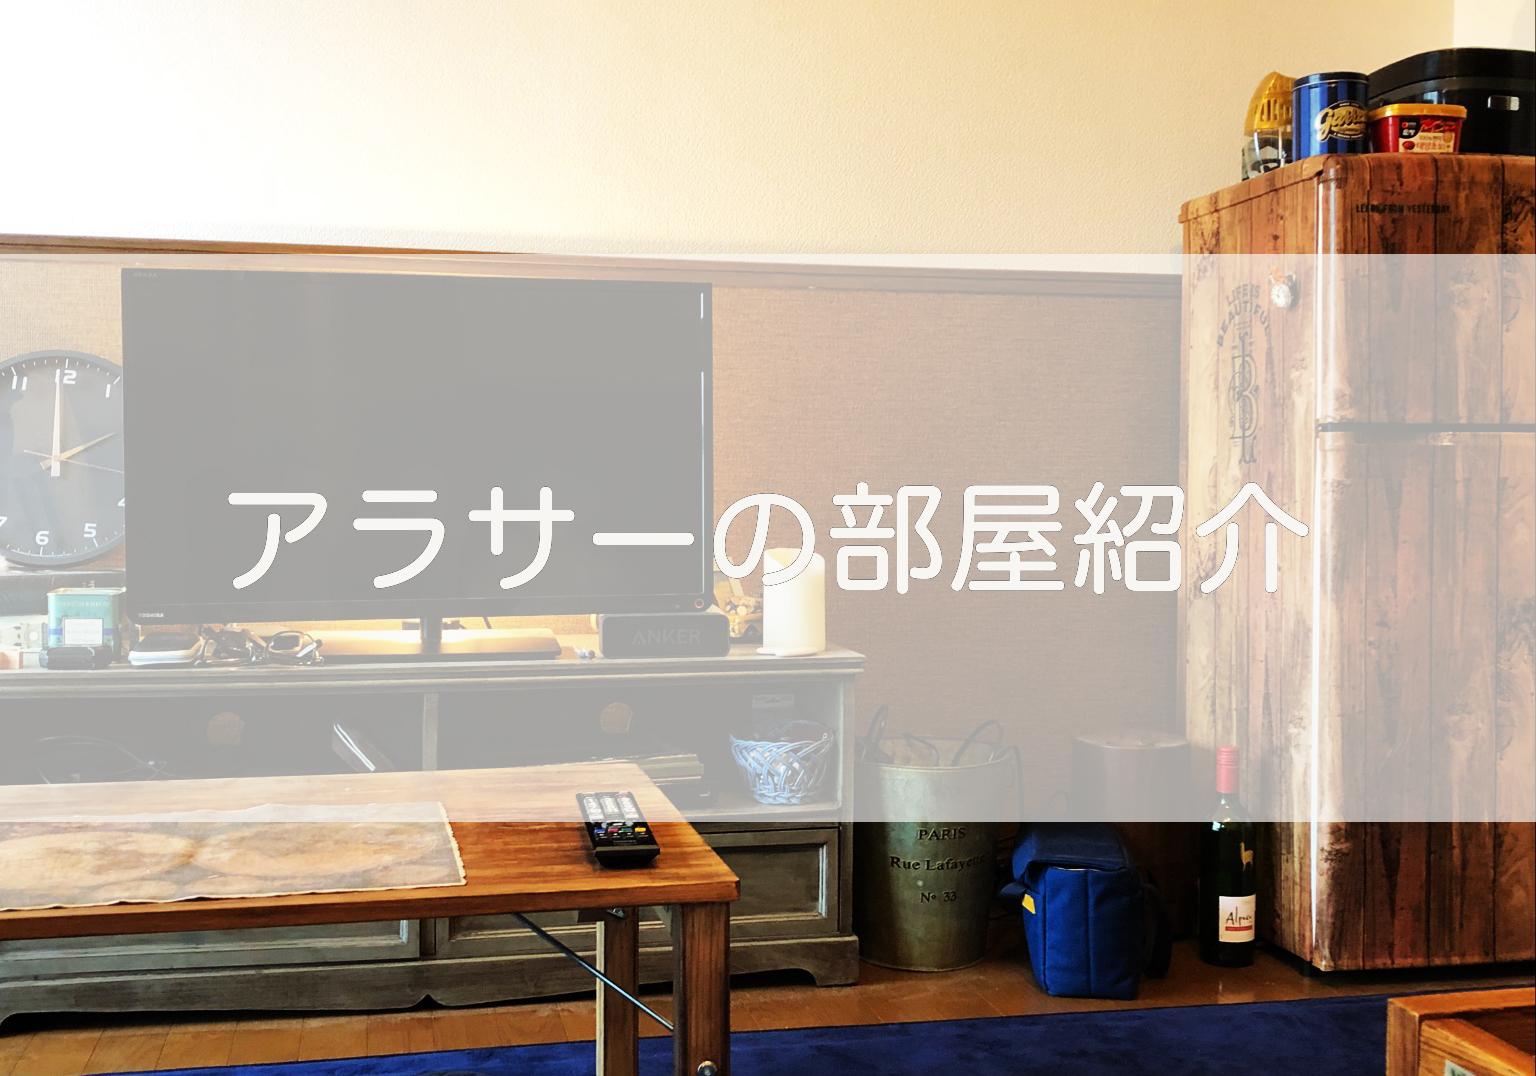 アラサー独身男性 一人暮らしの部屋はこんな感じ。家具 家電などを紹介